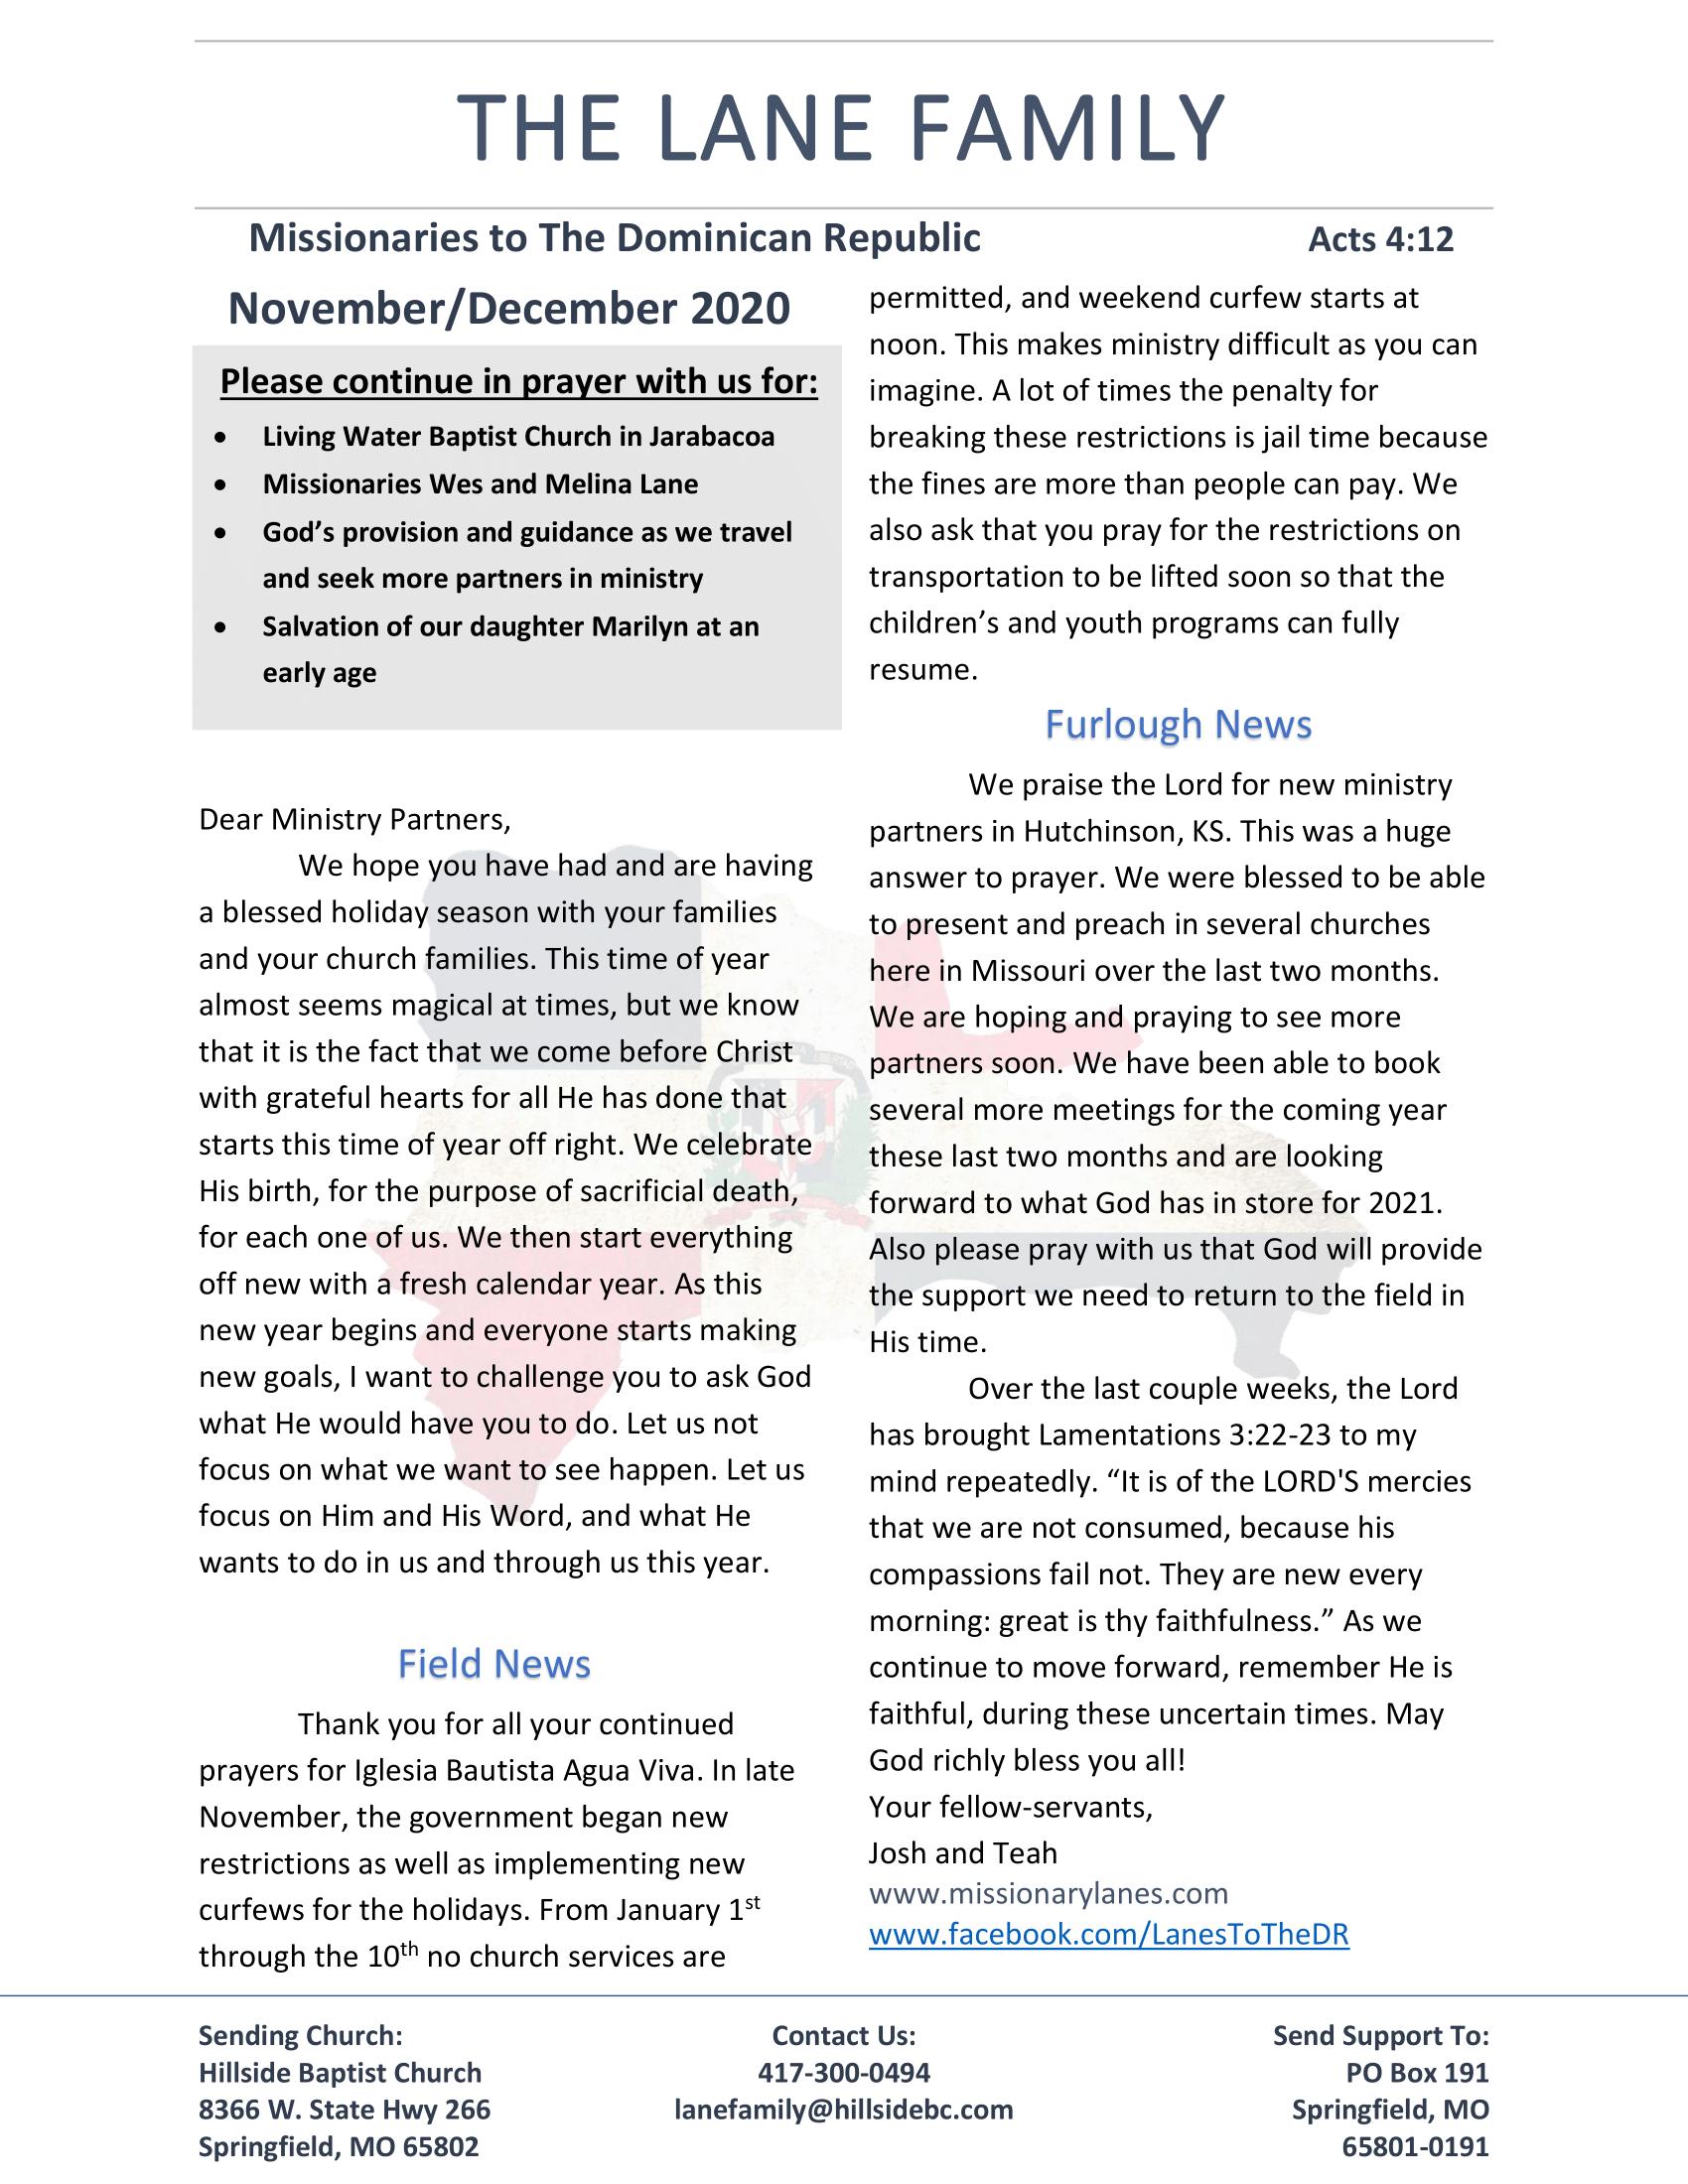 Prayer_Letter_2020_November_December-1